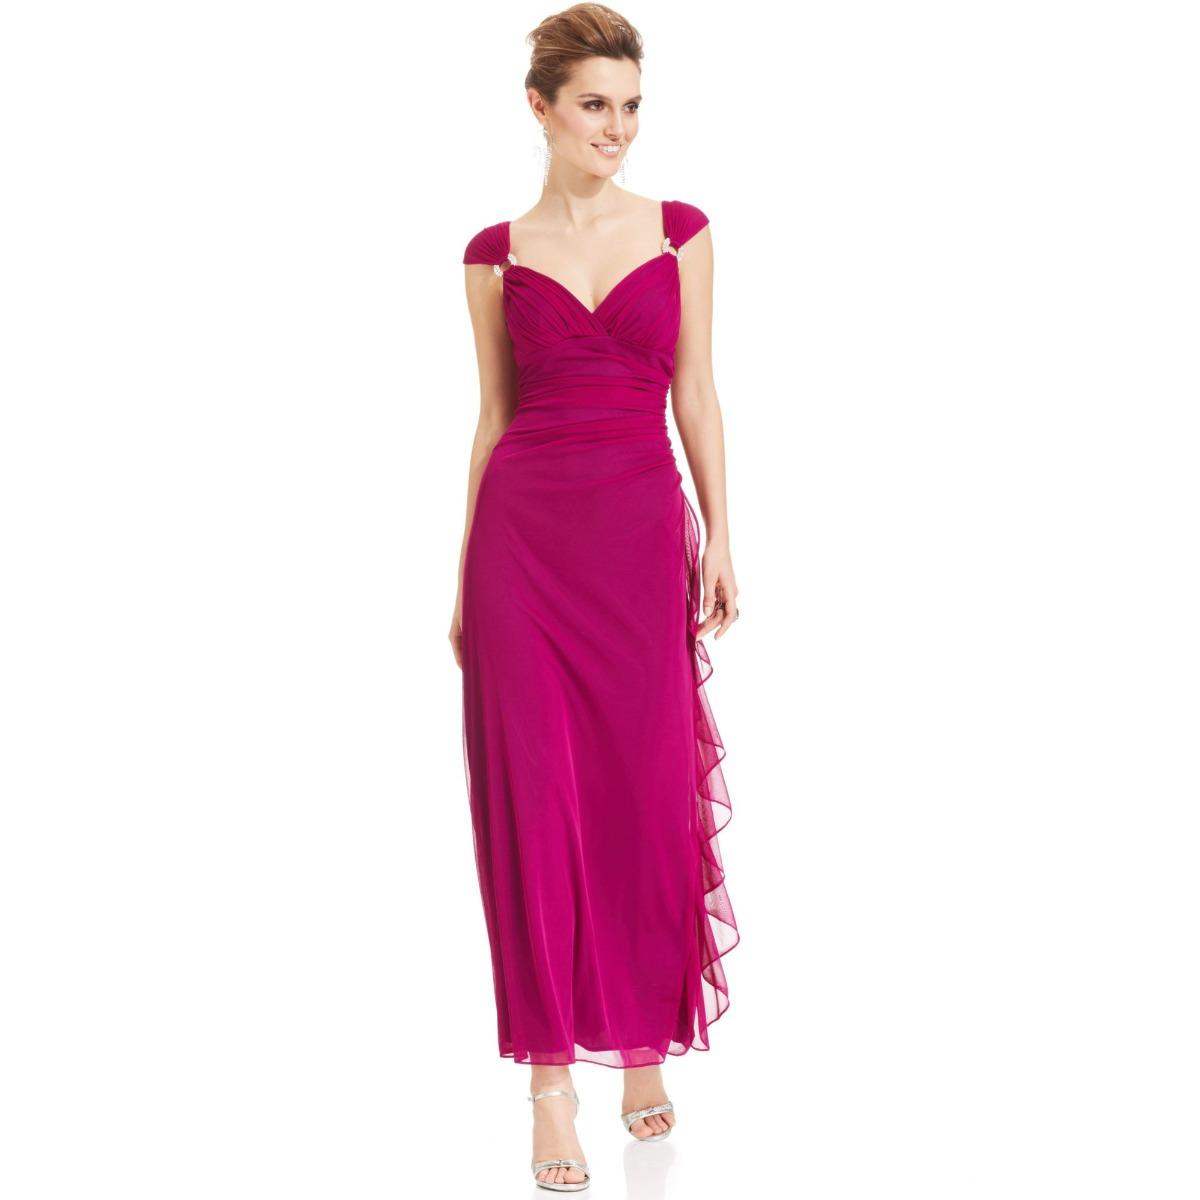 Excepcional Vestidos De Fiesta Betsy Elaboración - Colección del ...